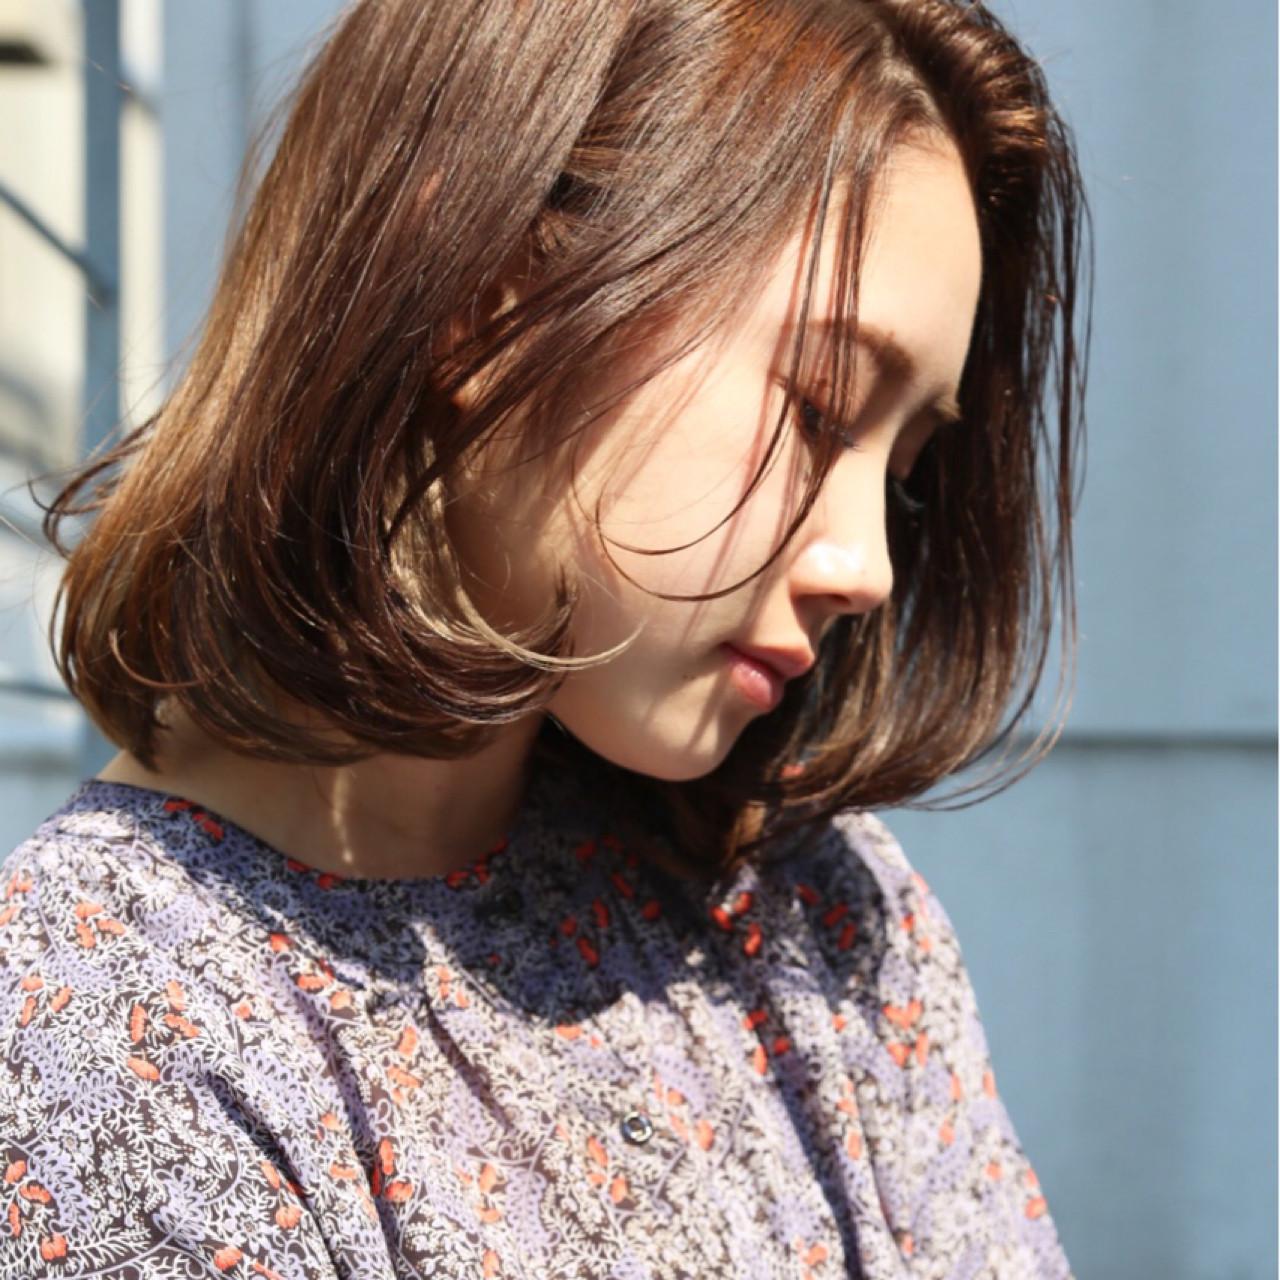 【2017年春夏ヘアカタログ】ナチュラルで媚びてない女性らしさが魅力の髪型特集 越後 裕介 (Yusuke Echigo)